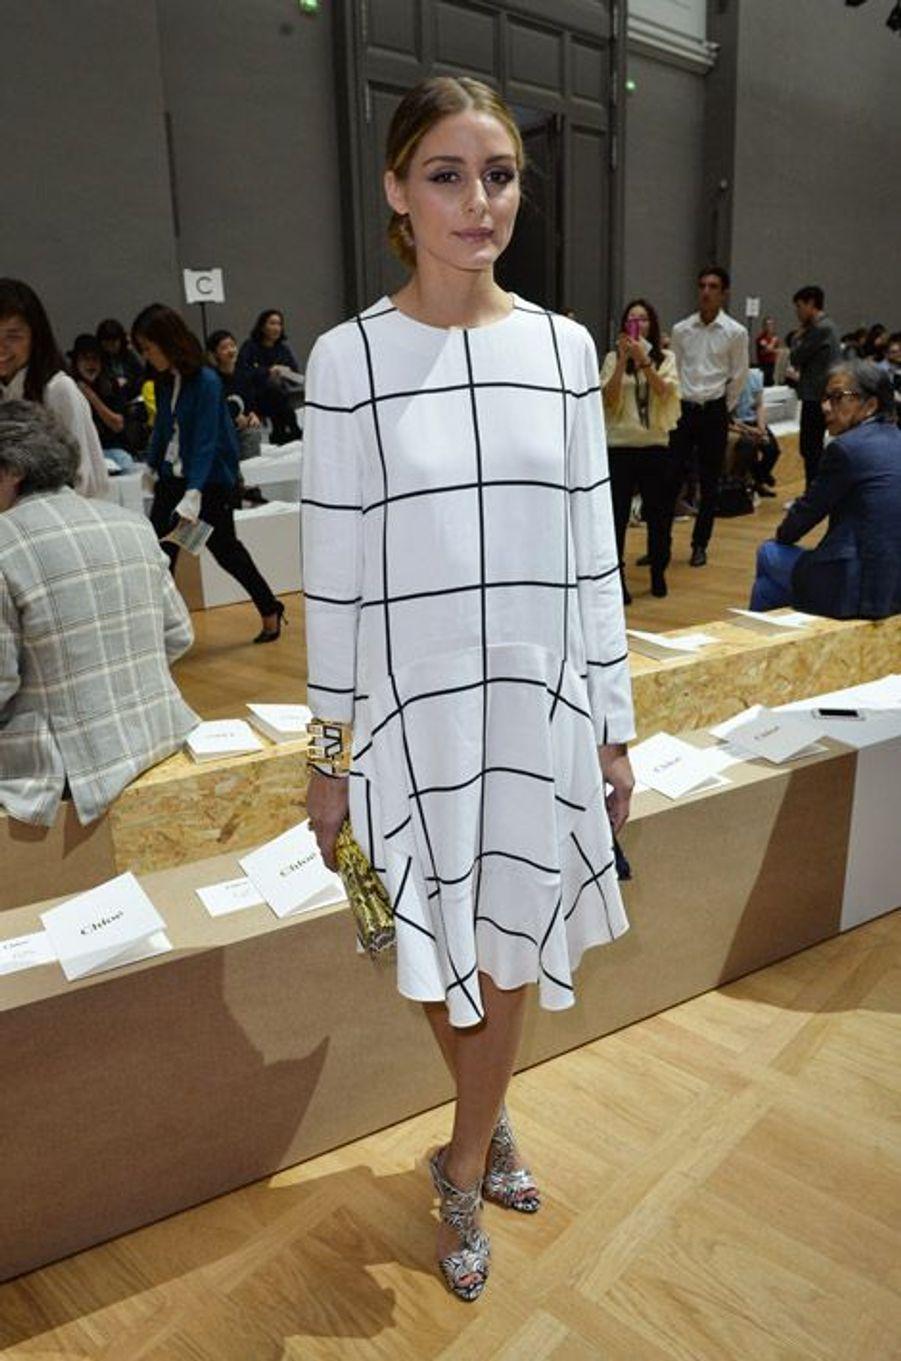 Lignes graphiques : la styliste Olivia Palermo lors du défilé Chloé printemps-été 2015 à Paris, le 28 septembre 2014